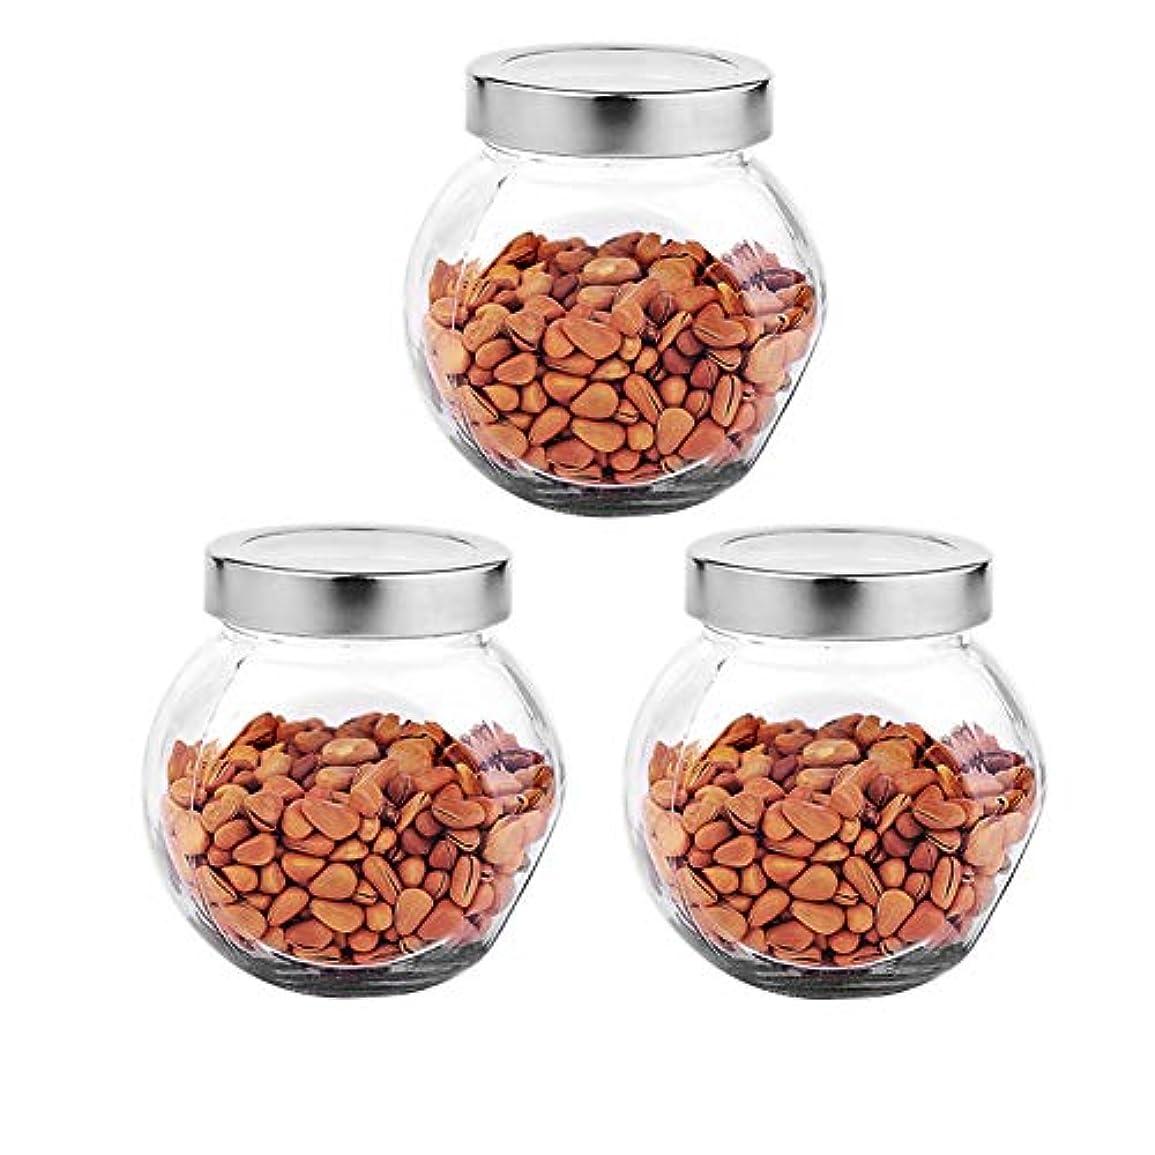 外観ブレーキマウントバンク3つの透明ガラス貯蔵容器茶/季節密封缶の貯蔵ジャーパック(450 ml)